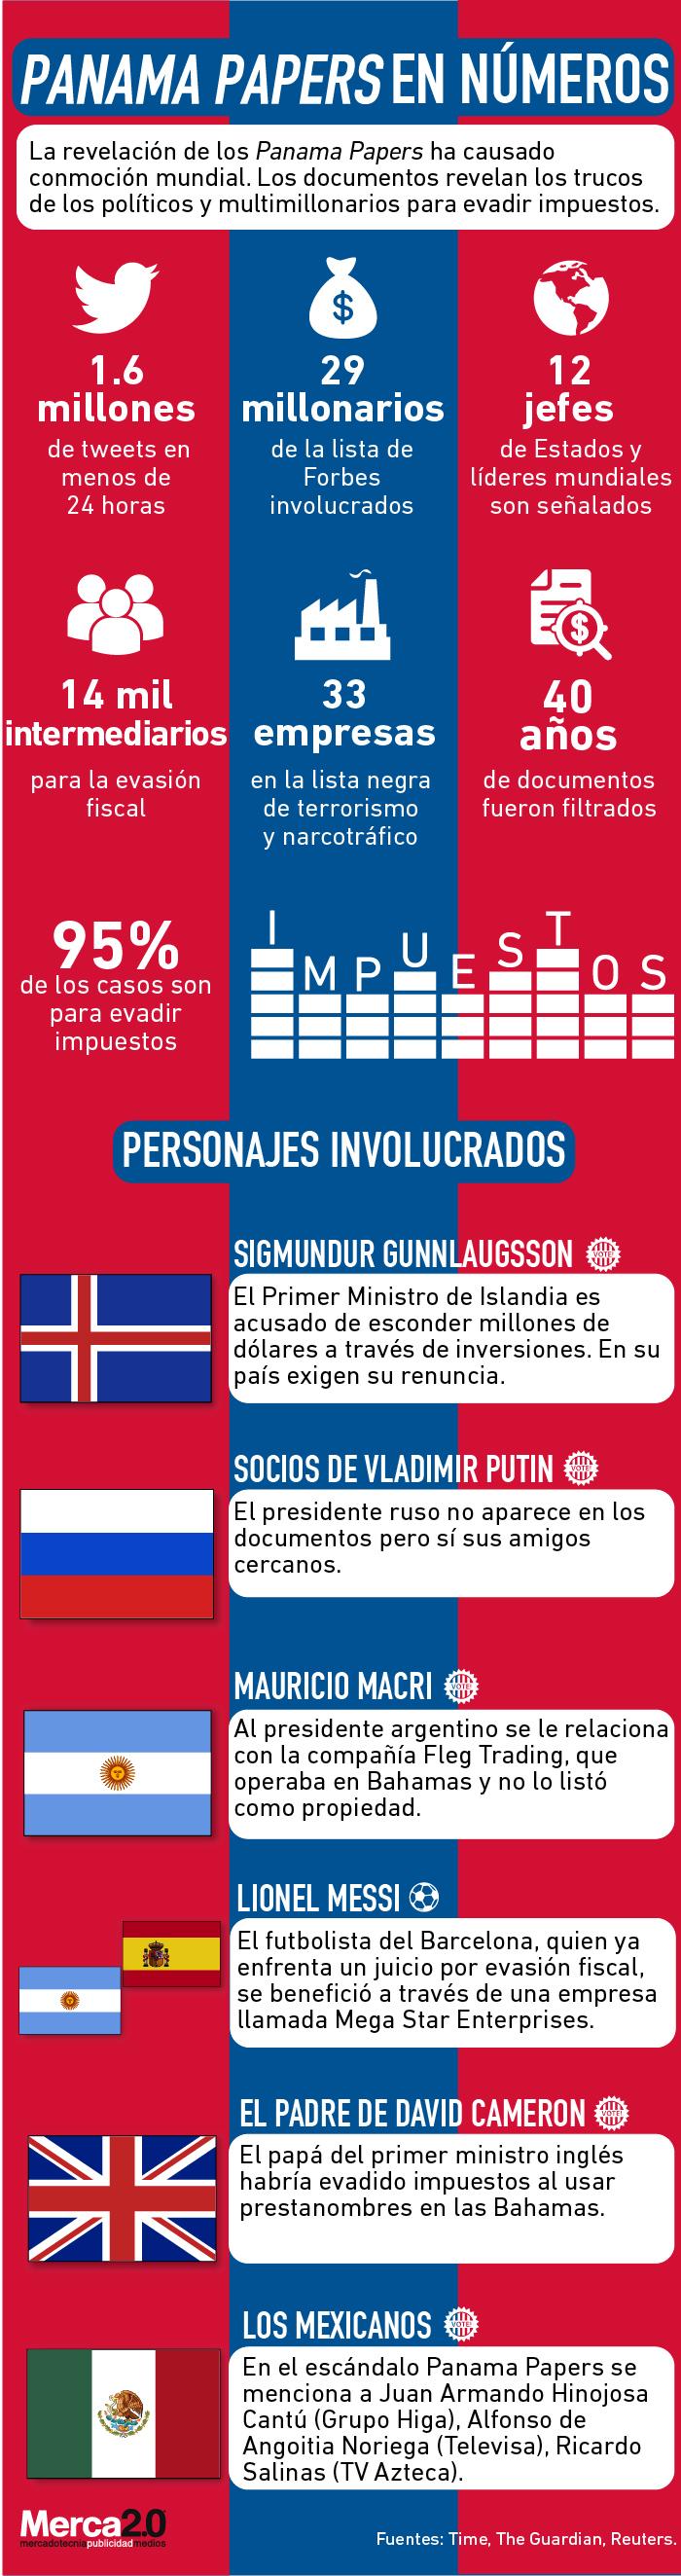 Algunos datos de los papeles de Panamá